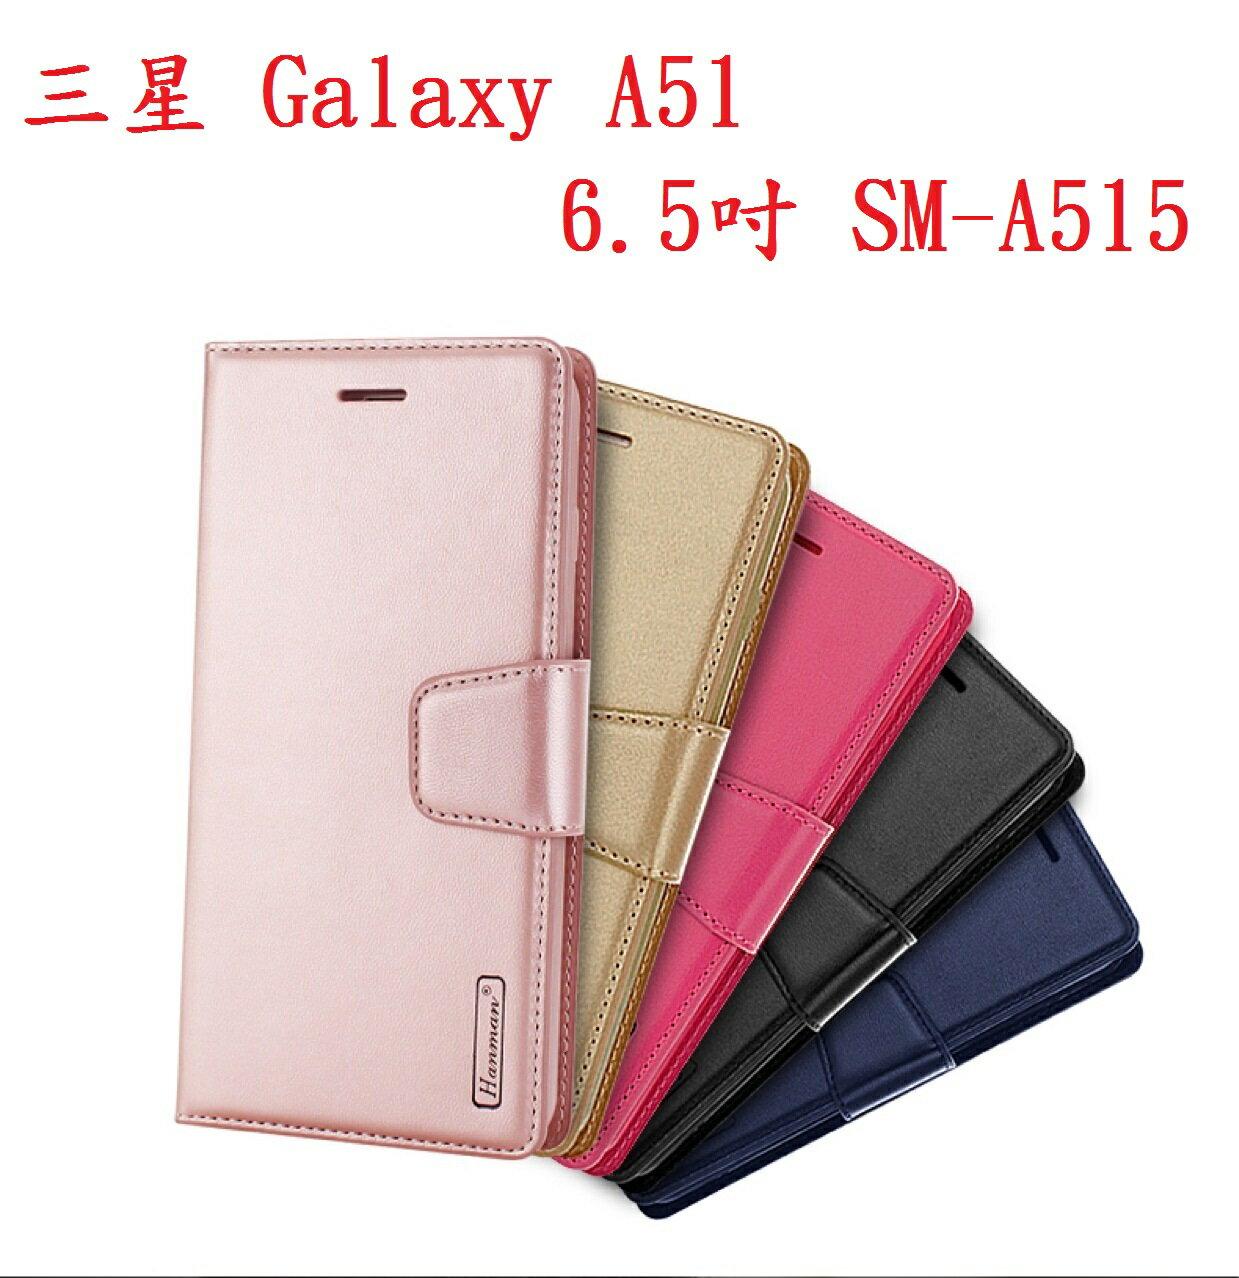 【Hanman 仿羊皮】三星 Galaxy A51 6.5吋 SM-A515 斜立支架皮套/翻頁式側掀保護套